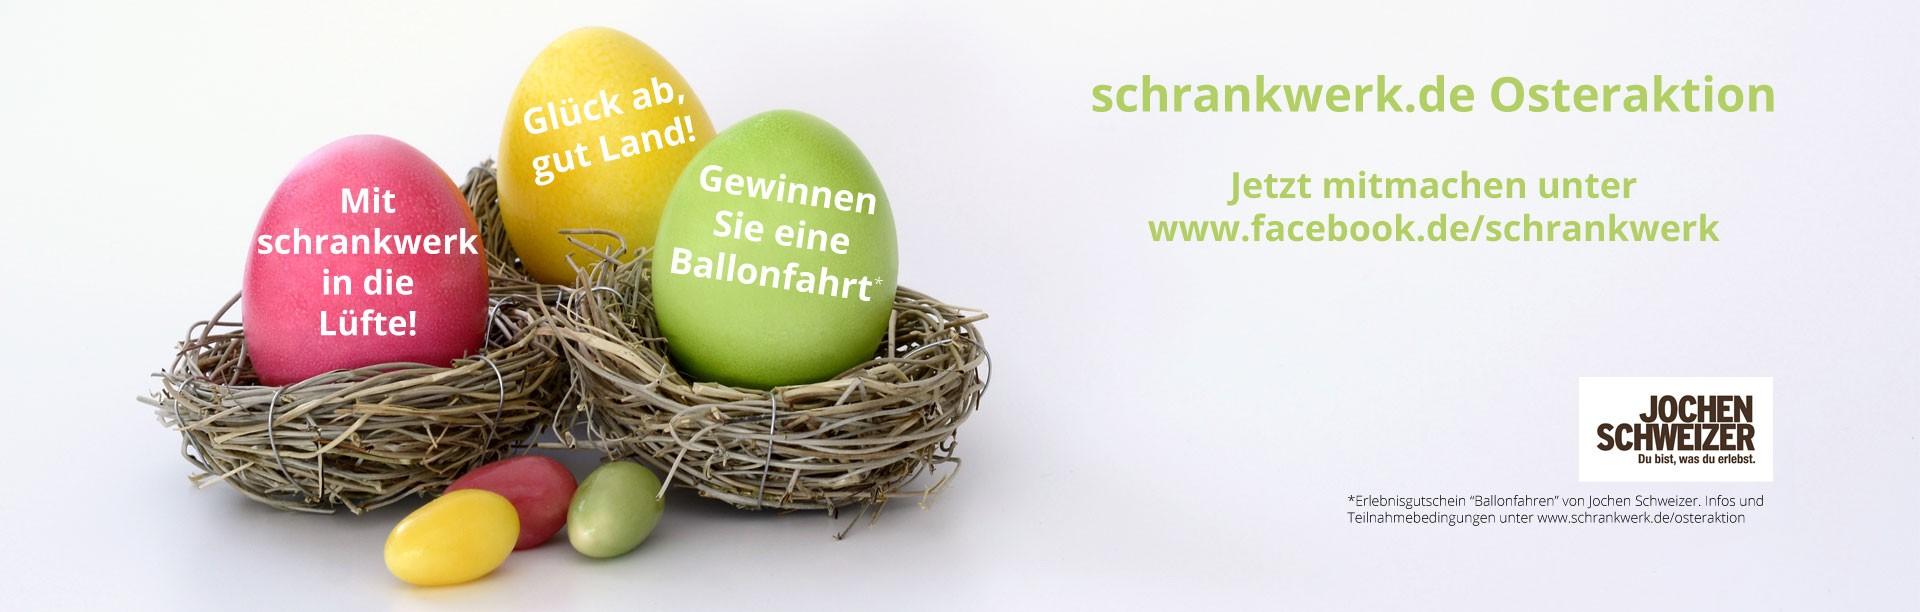 Osteraktion bei schrankwerk.de, Heißluftballonfahrt zu gewinnen